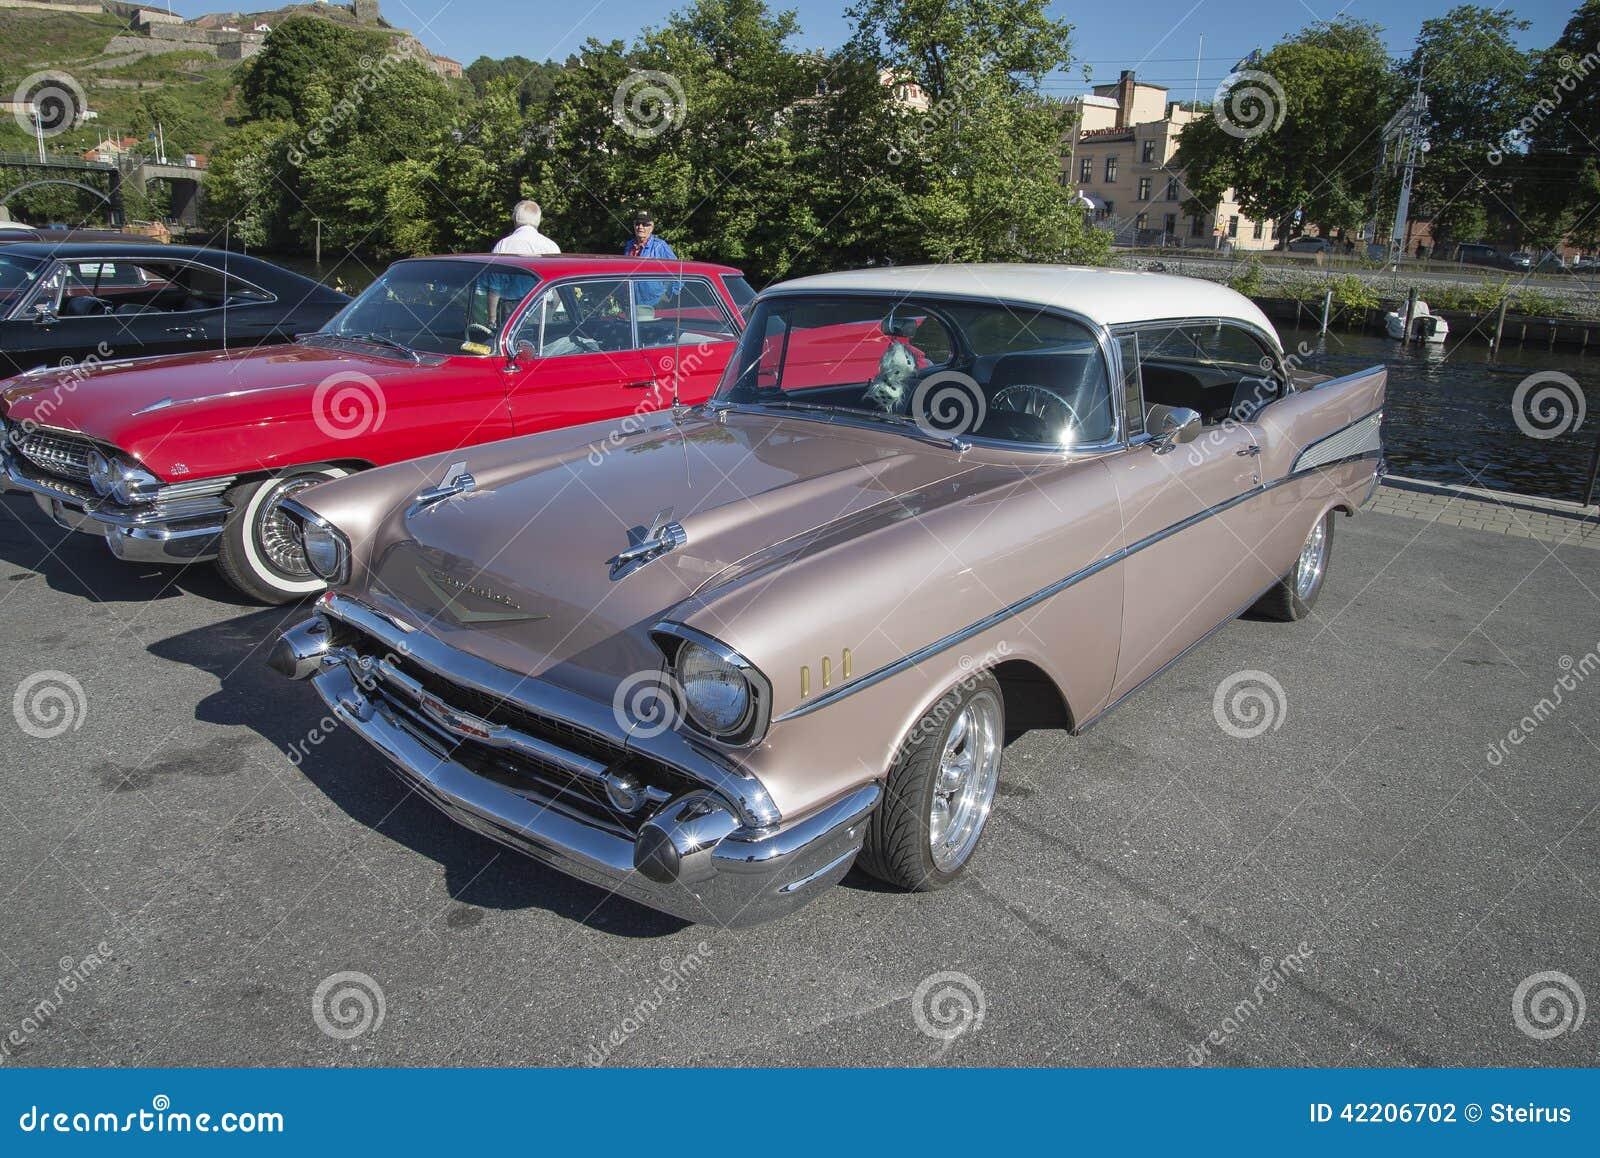 1957 Chevrolet Bel Air 2 Door Hardtop Editorial Photography Image Chevy 4